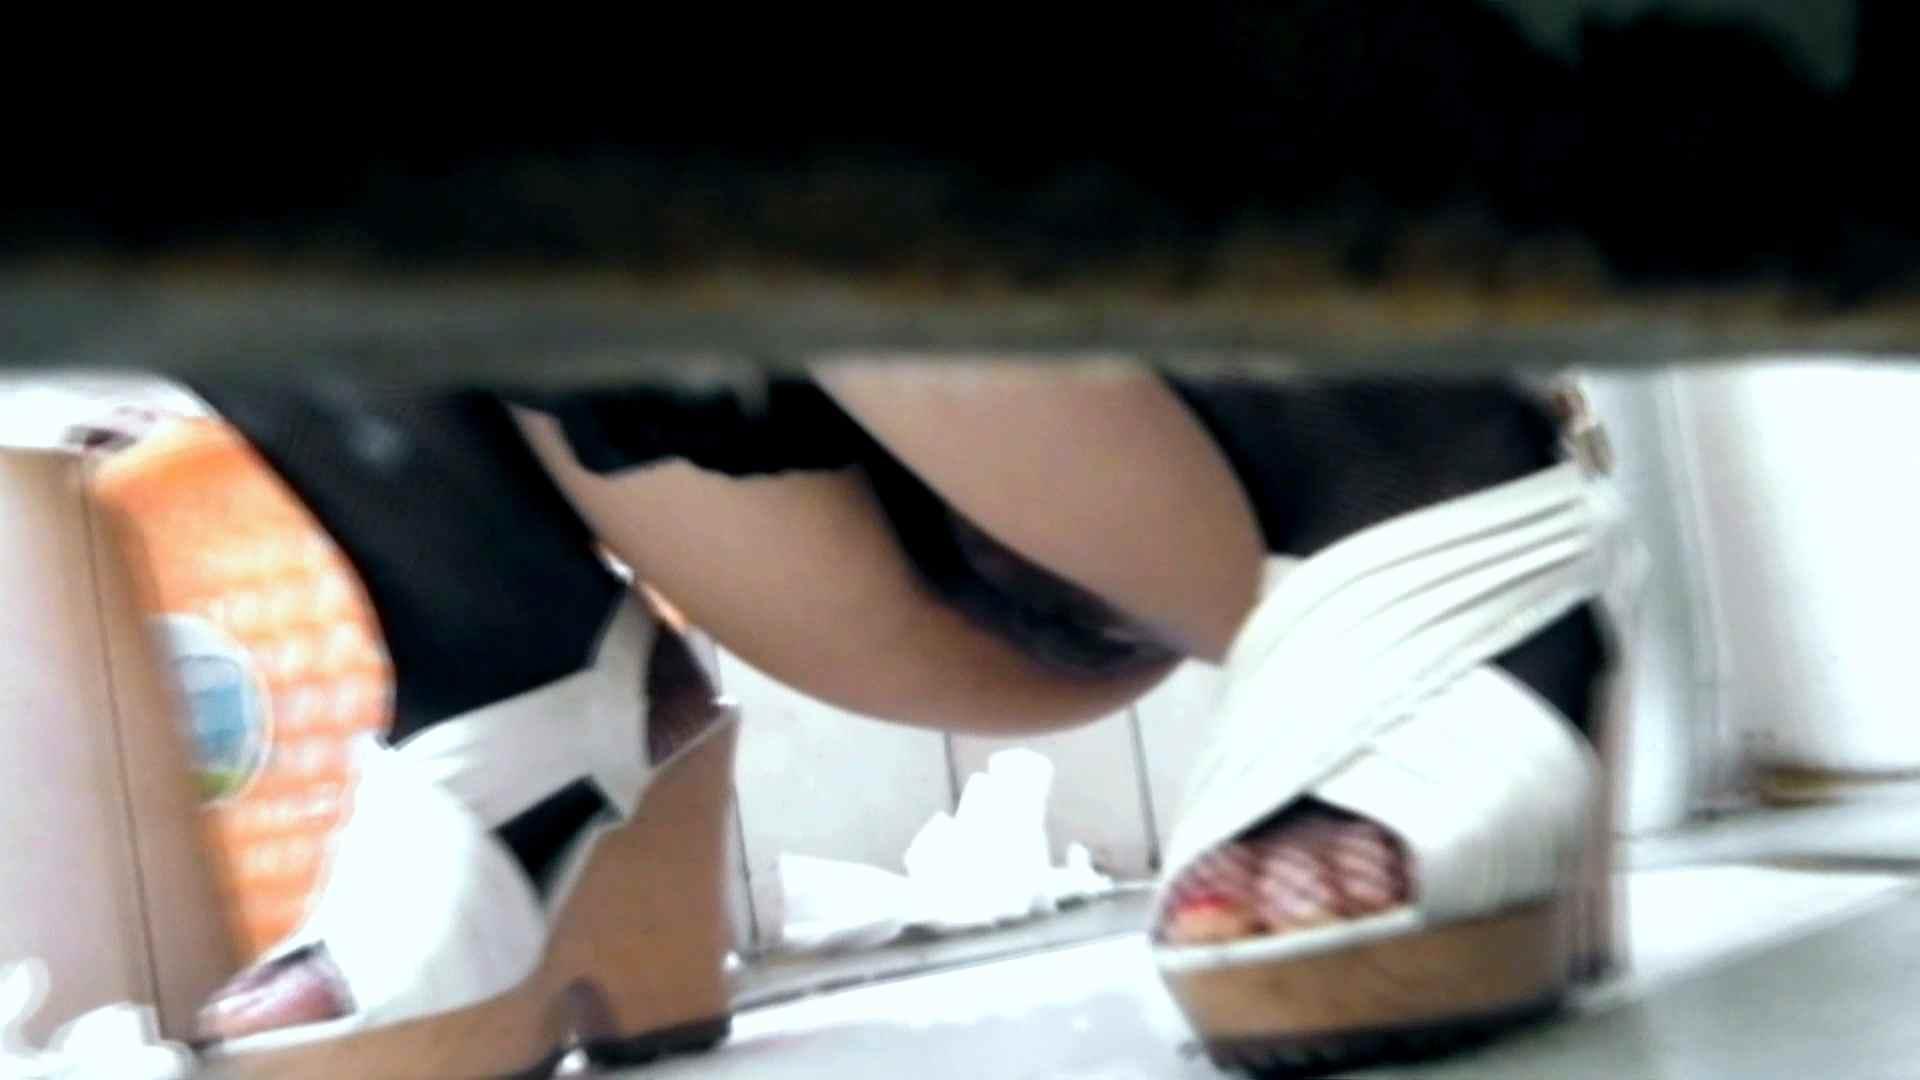 ステーション編 vol.36 無料動画に登場したトップクラスモデル本番へ 丸見え オマンコ無修正動画無料 84枚 14